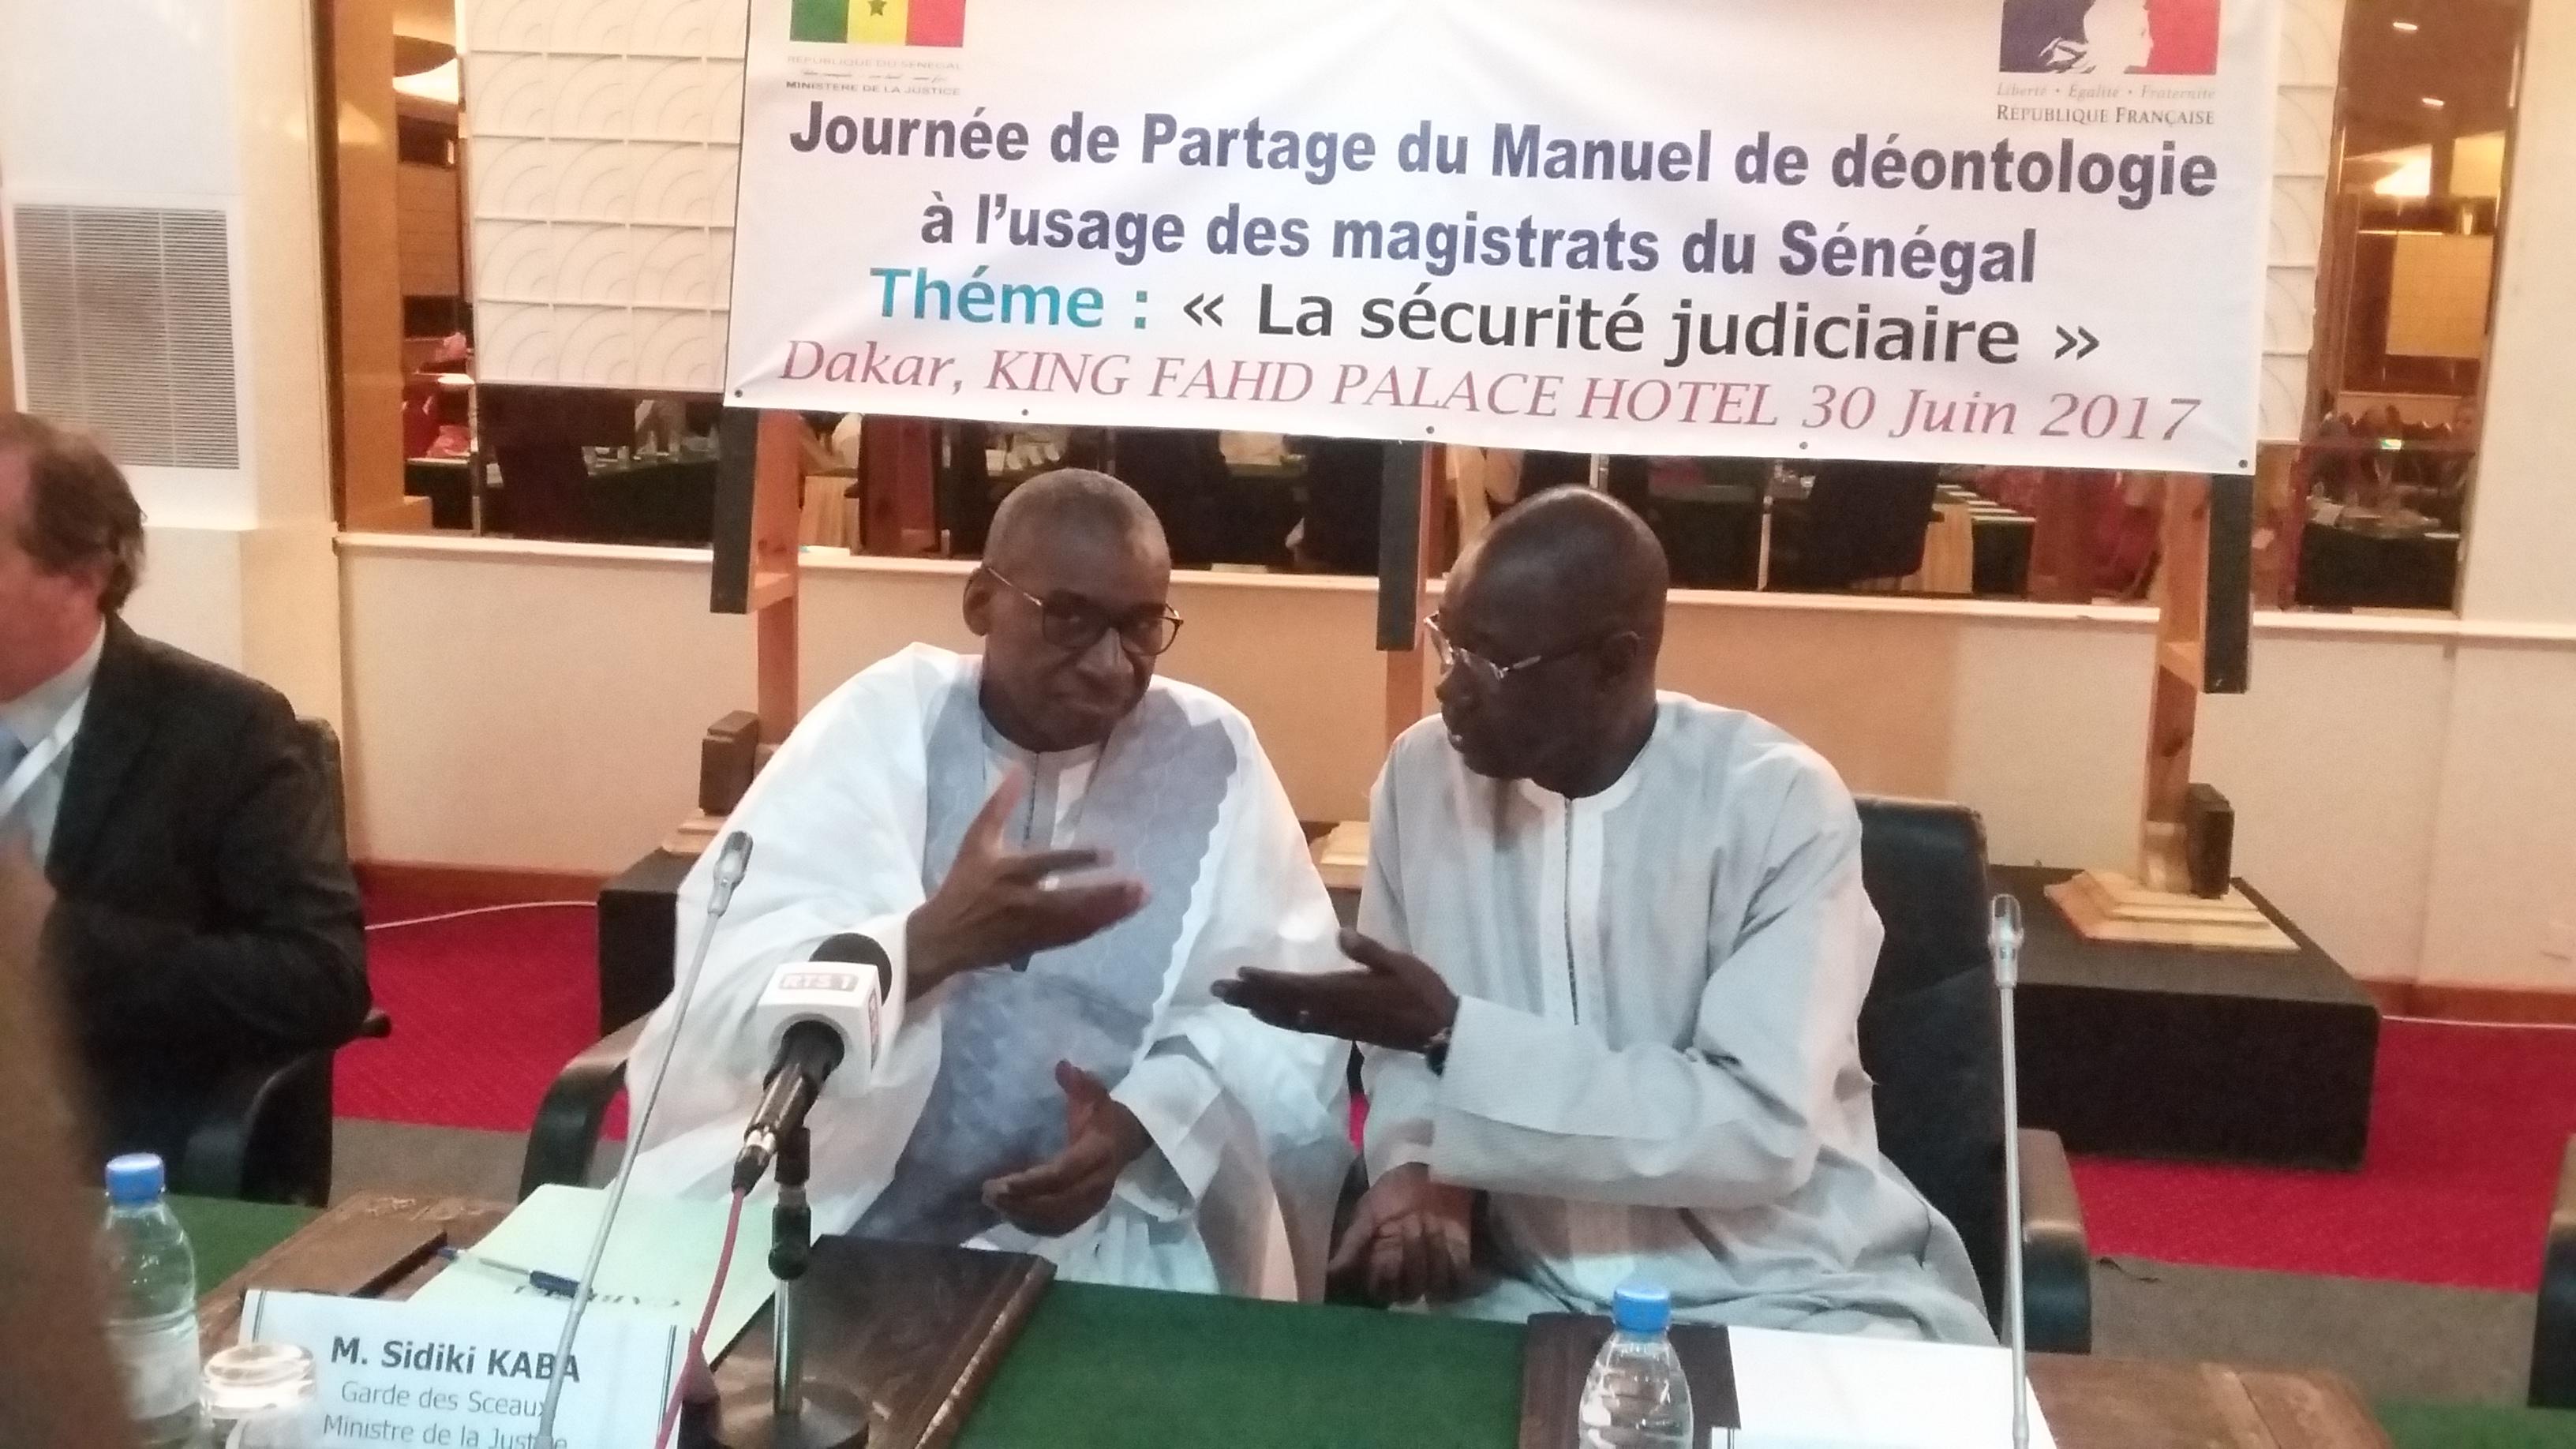 Présentation du Manuel de déontologie : Me Sidiki Kaba invite les magistrats sénégalais à sa pratique pour l'indépendance de la justice